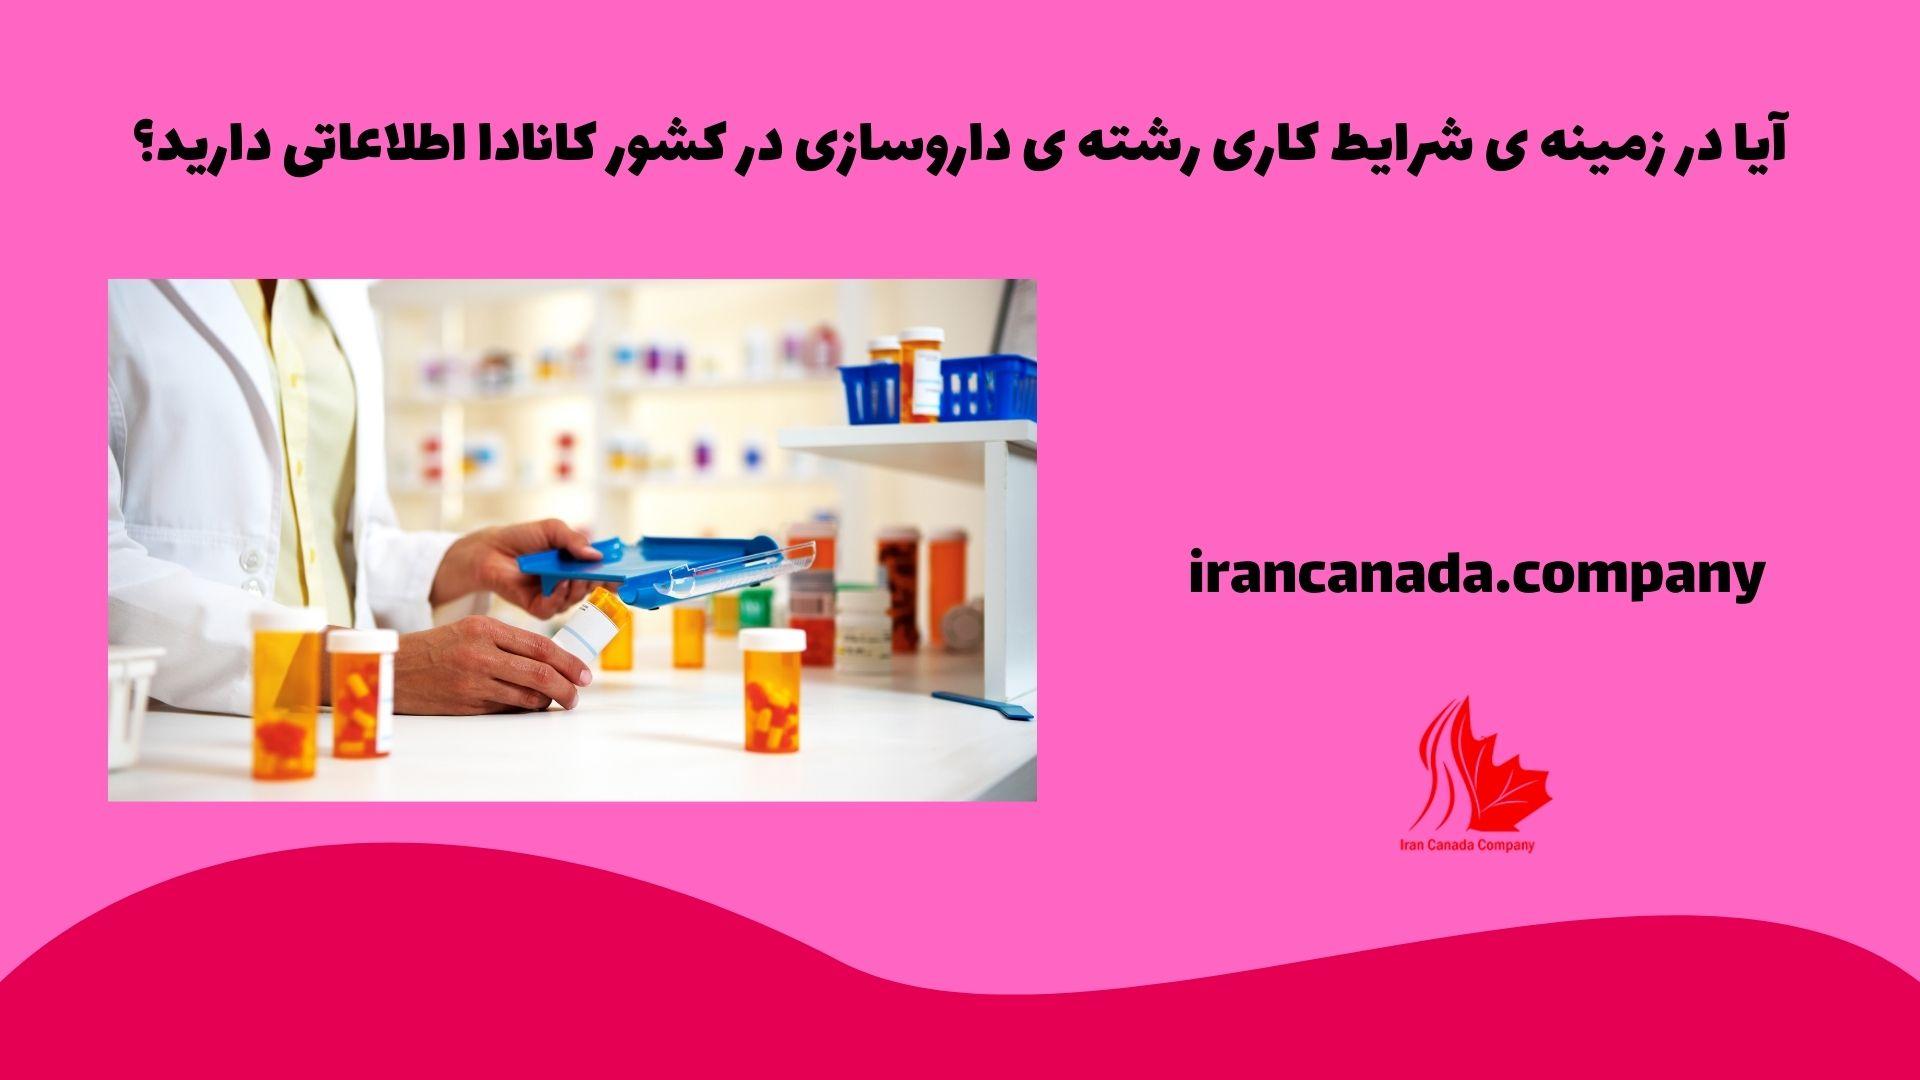 آیا در زمینه ی شرایط کاری رشته ی داروسازی در کشور کانادا اطلاعاتی دارید؟